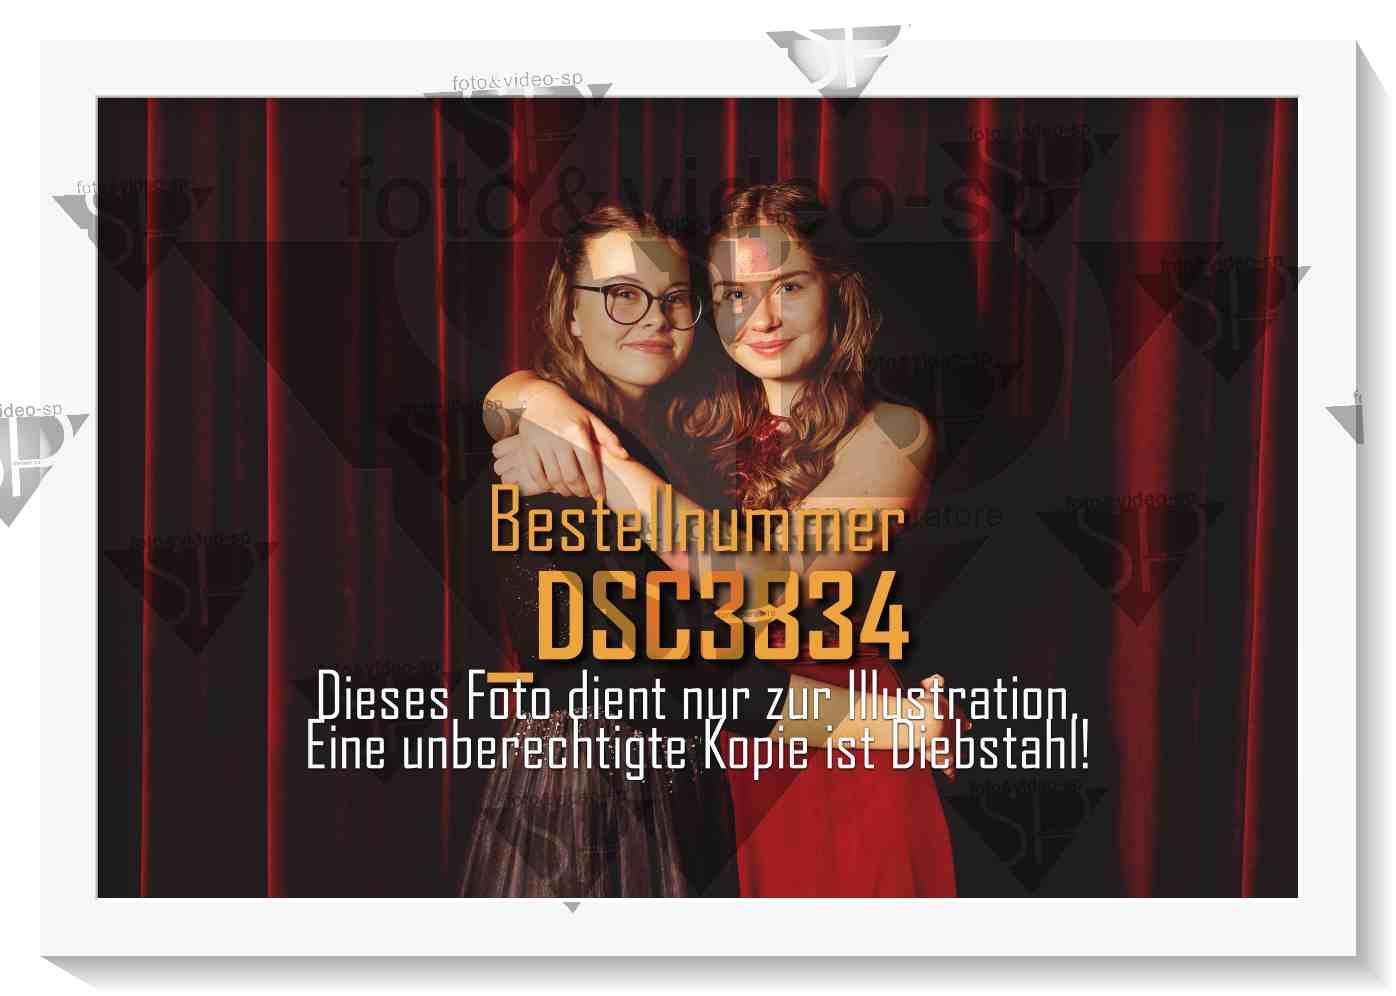 DSC3834